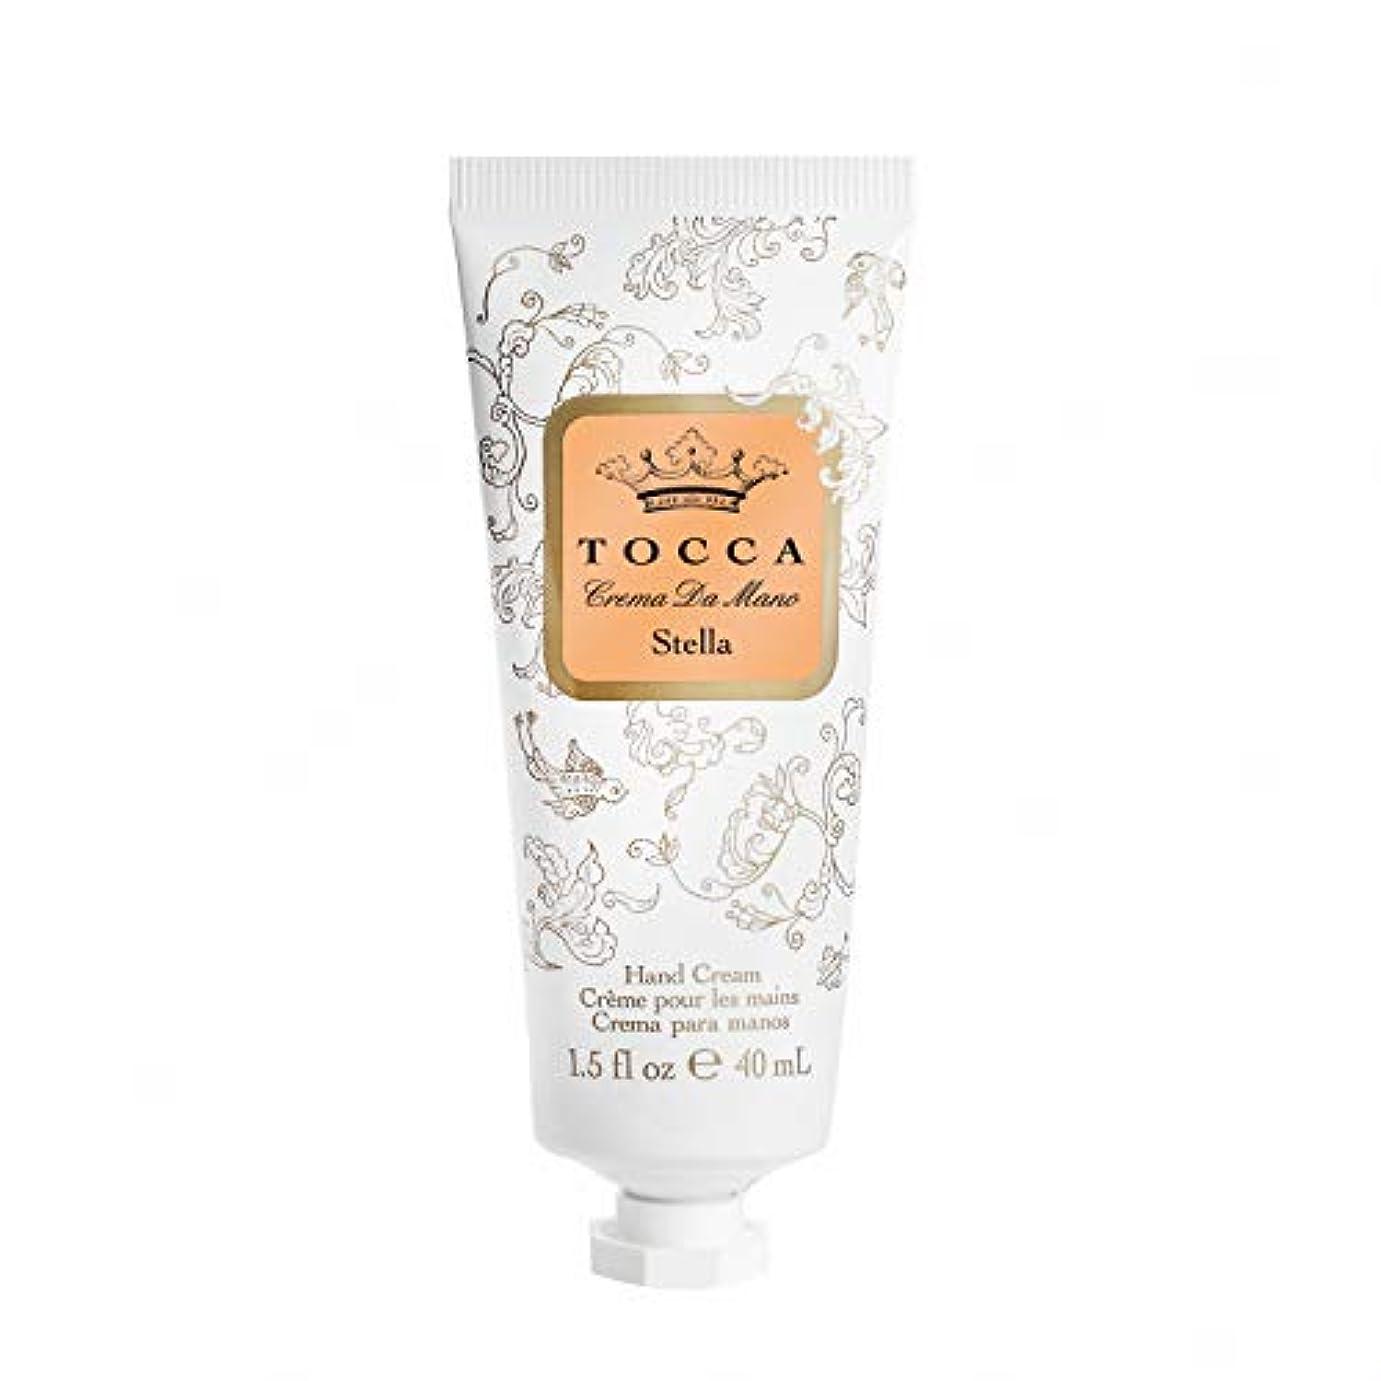 圧縮バラ色雷雨トッカ(TOCCA) ハンドクリーム ステラの香り 40mL (手指用保湿 イタリアンブラッドオレンジが奏でるフレッシュでビターな爽やかさ漂う香り)